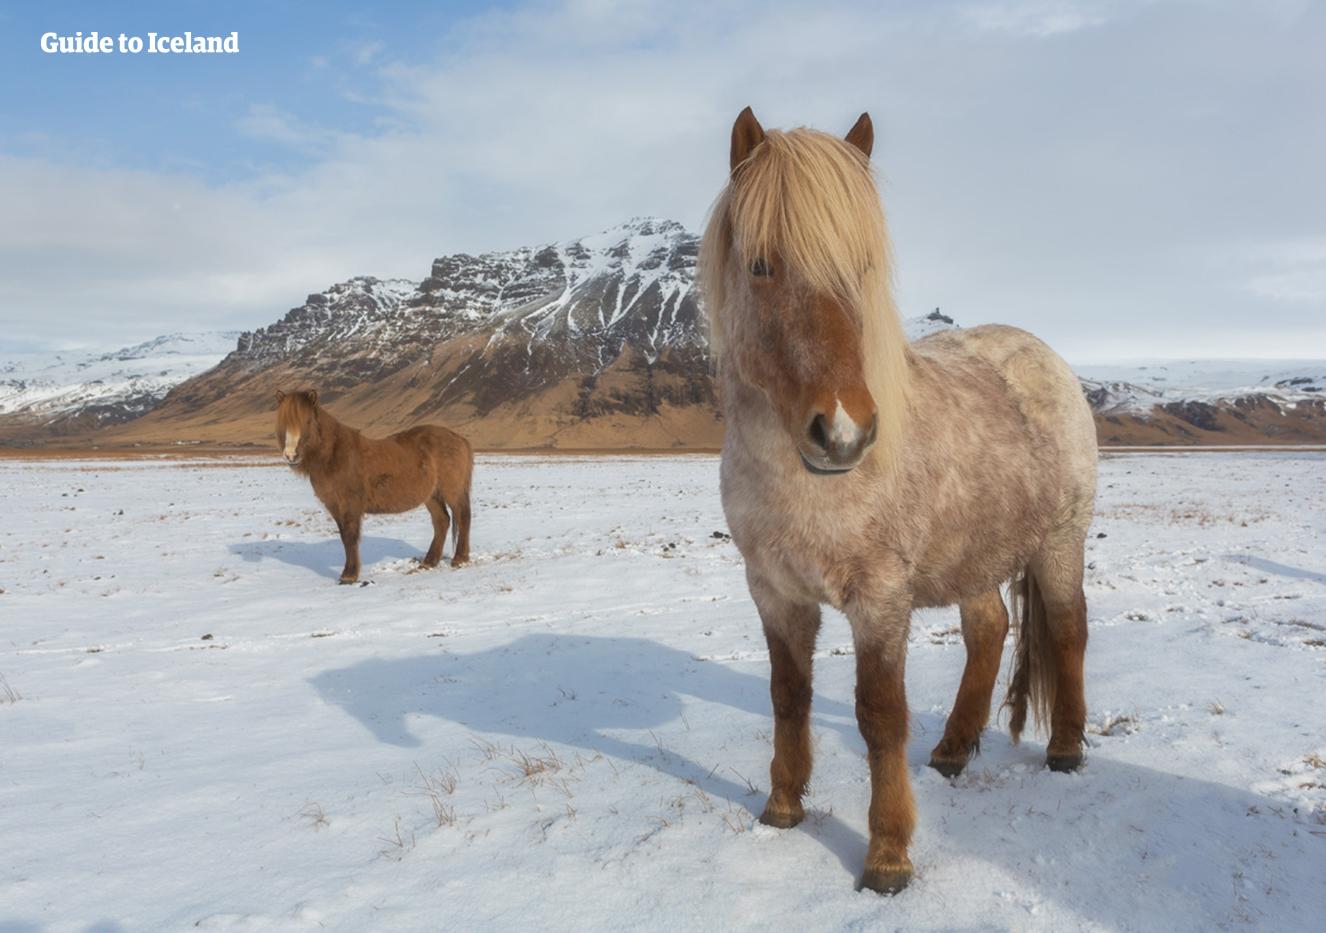 一路上有很多机会看到长发飘飘的冰岛马